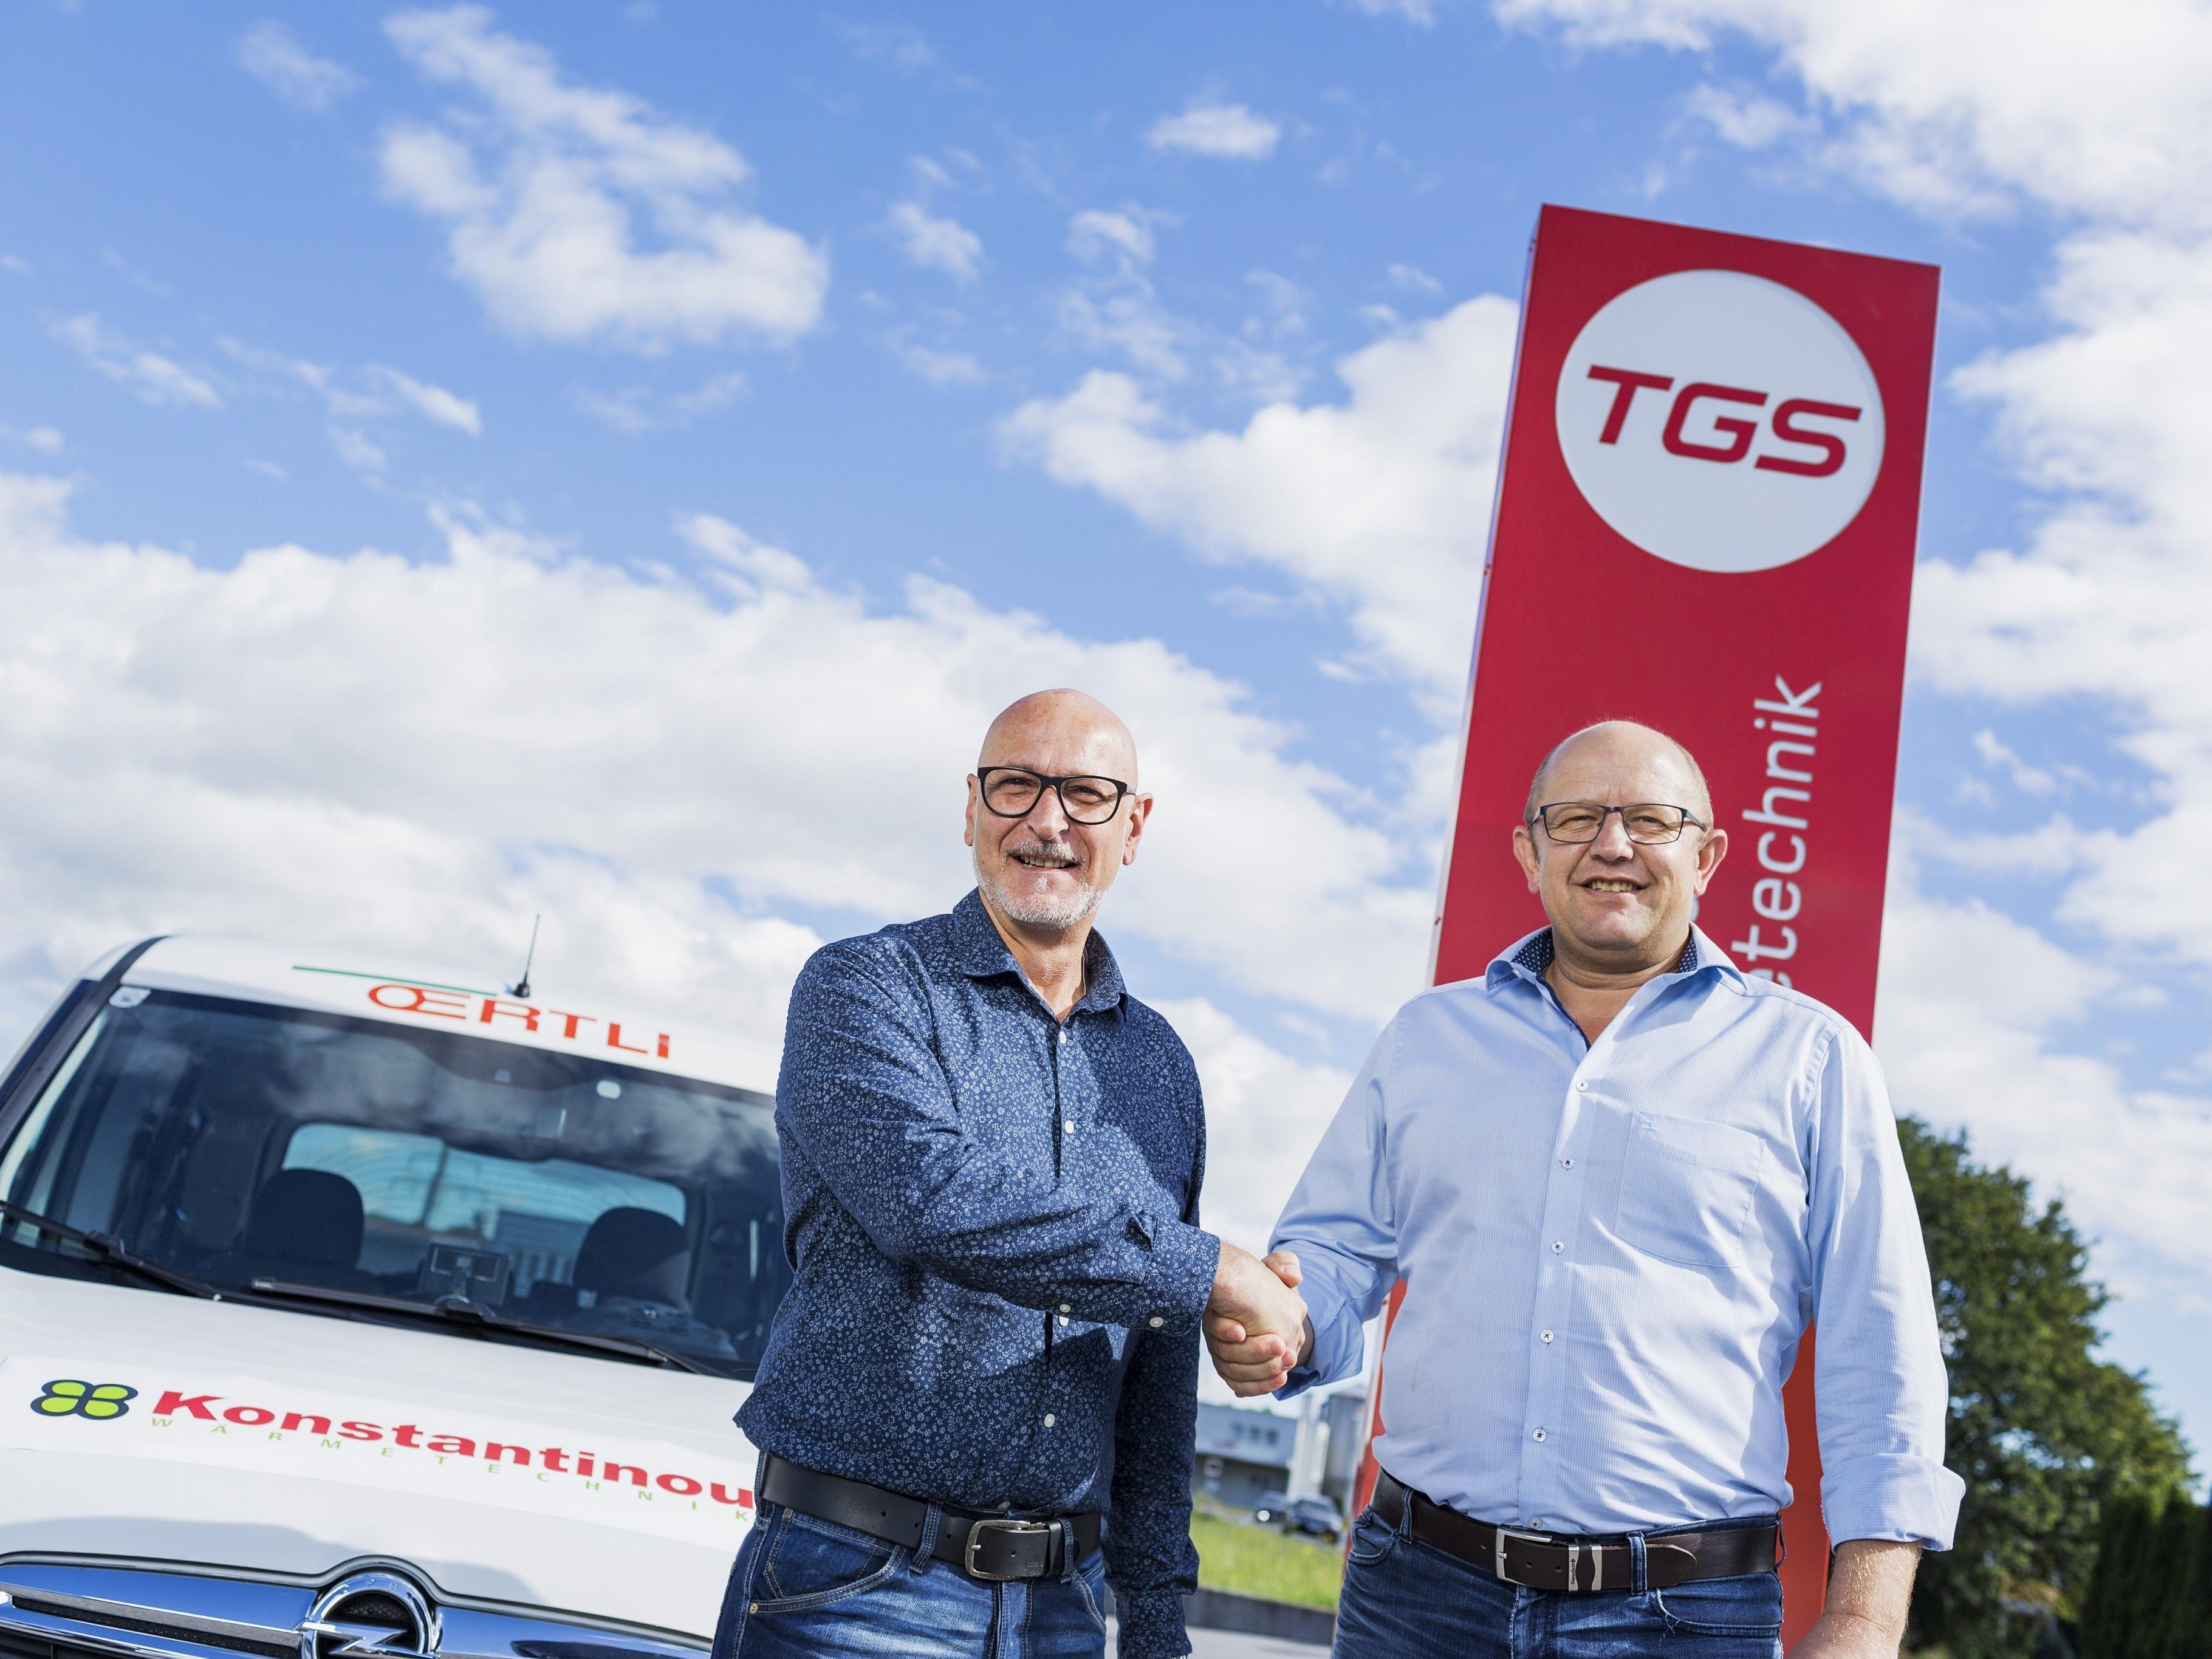 Geschäftsführer Peter Schelling (rechts) mit Ioannis Konstantinou, der künftig das Know-how für Örtli- und Hydrotherm-Anlagen in TGS einbringt.